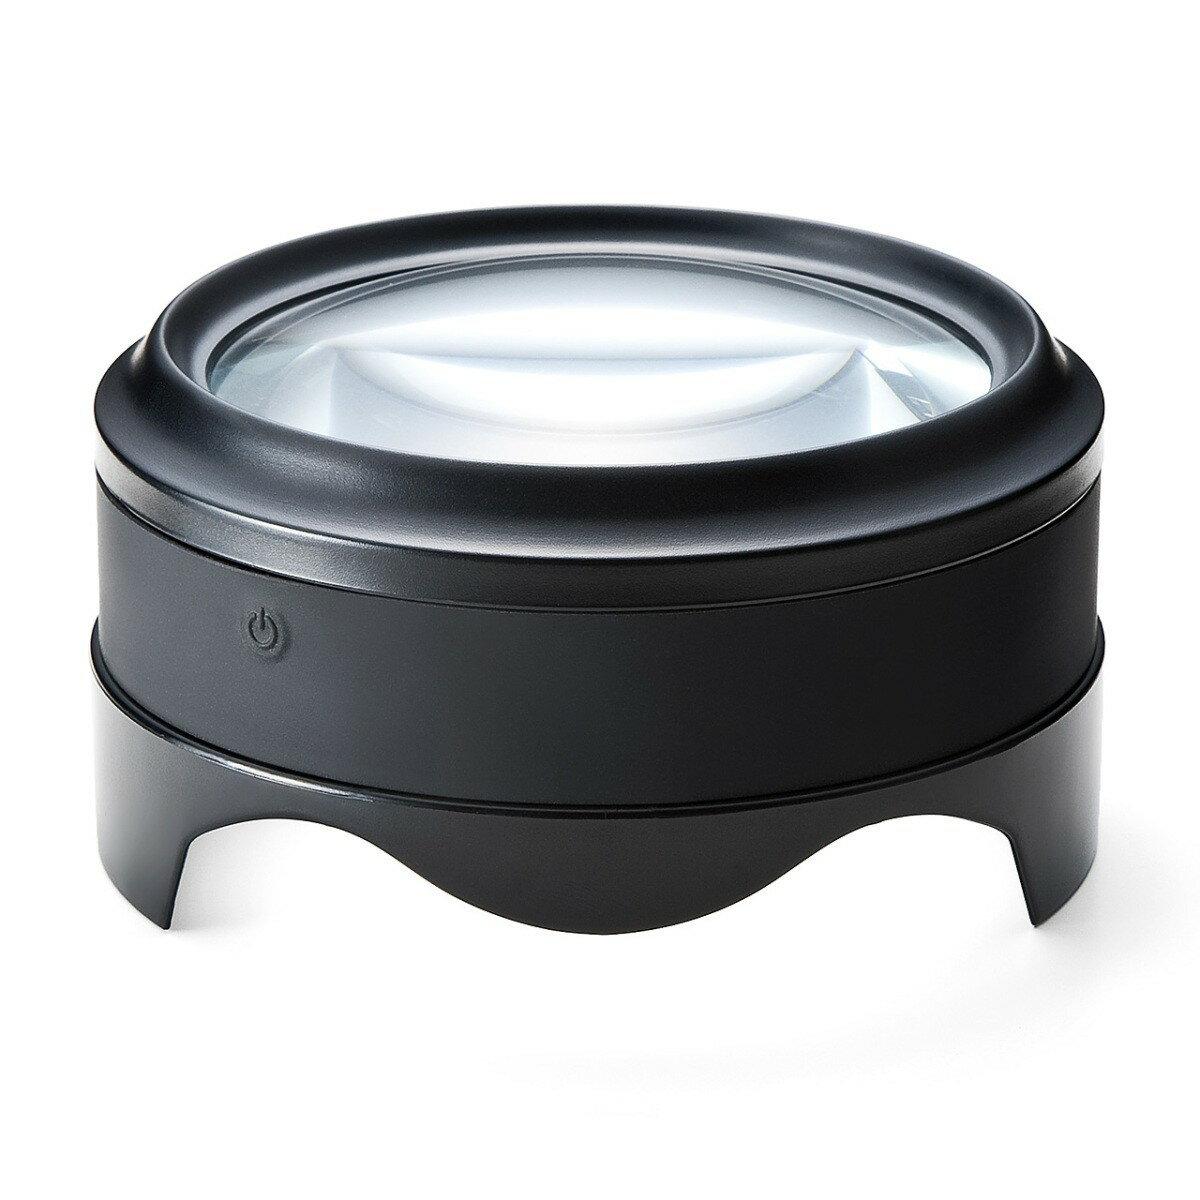 拡大鏡 ルーペ 5倍 電池不要・USB充電式 LEDライト付きで明るい 高級感あるおしゃれなデザイン 虫眼鏡 デスクルーペ 拡大率5倍[400-LPE013]【サンワダイレクト限定品】